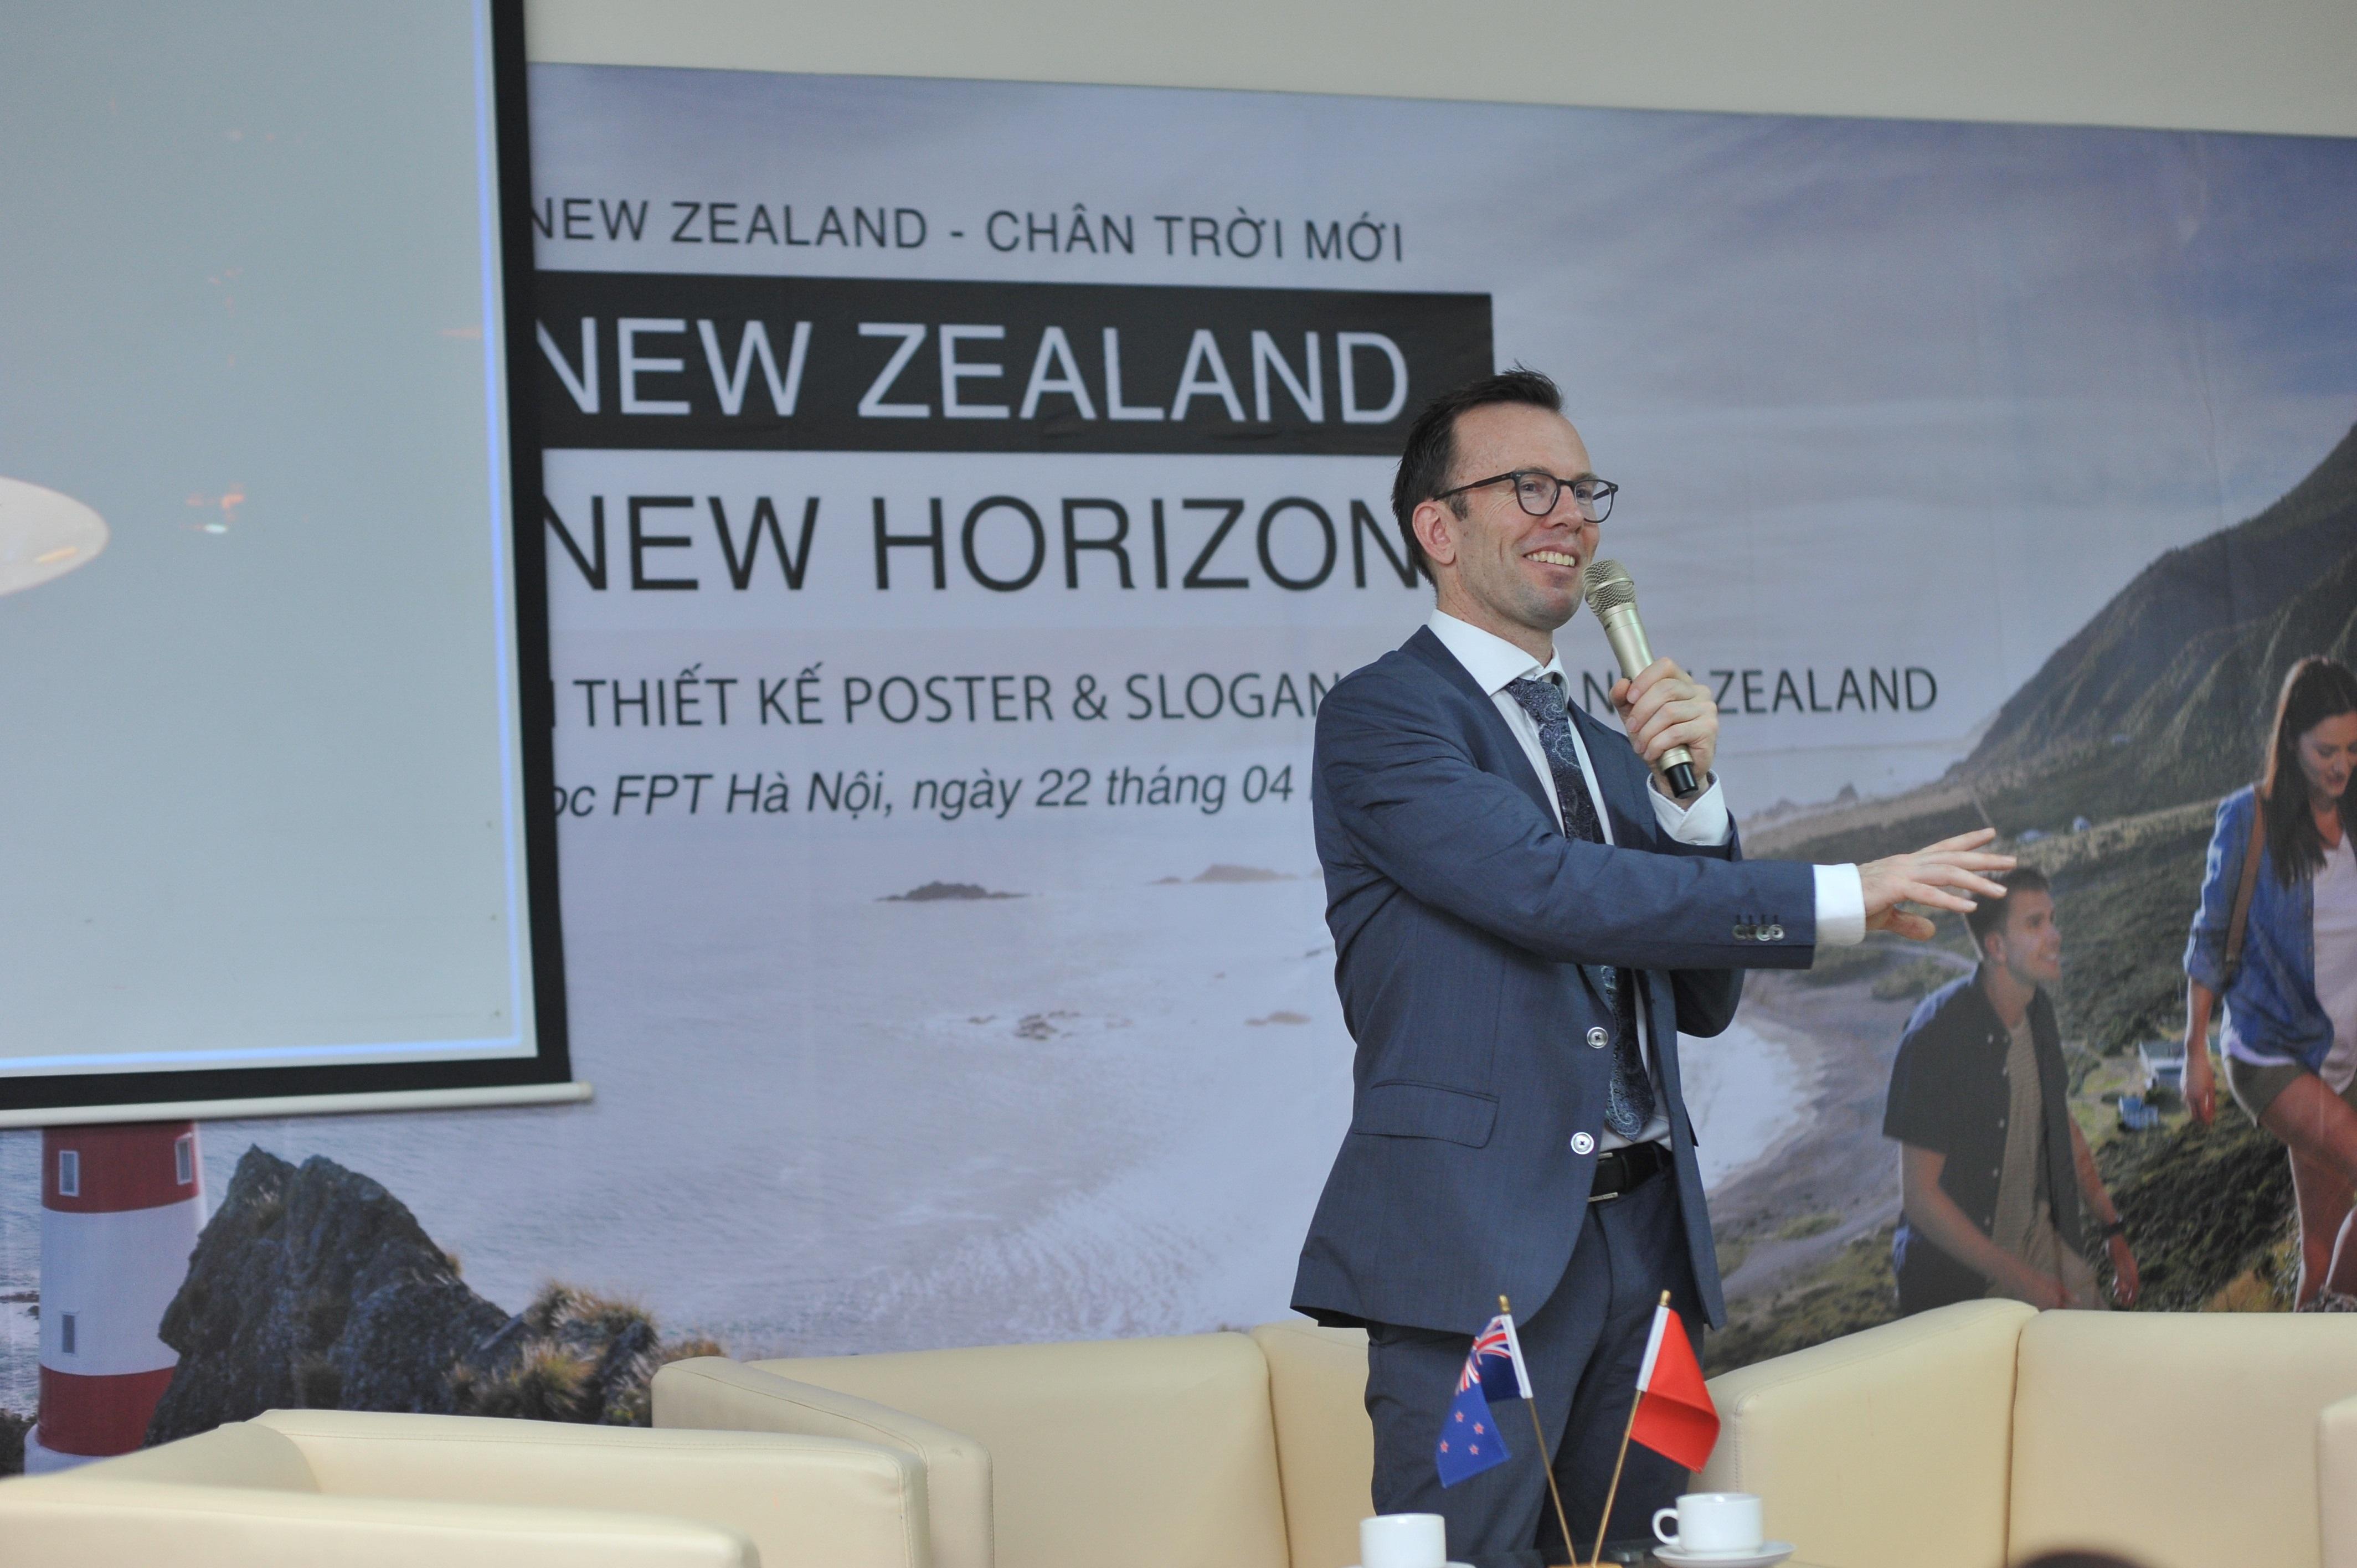 Đại sứ New Zealand tại Việt Nam Haike Manning trong lễ phát động cuộc thi New Zealand - Chân trời mới